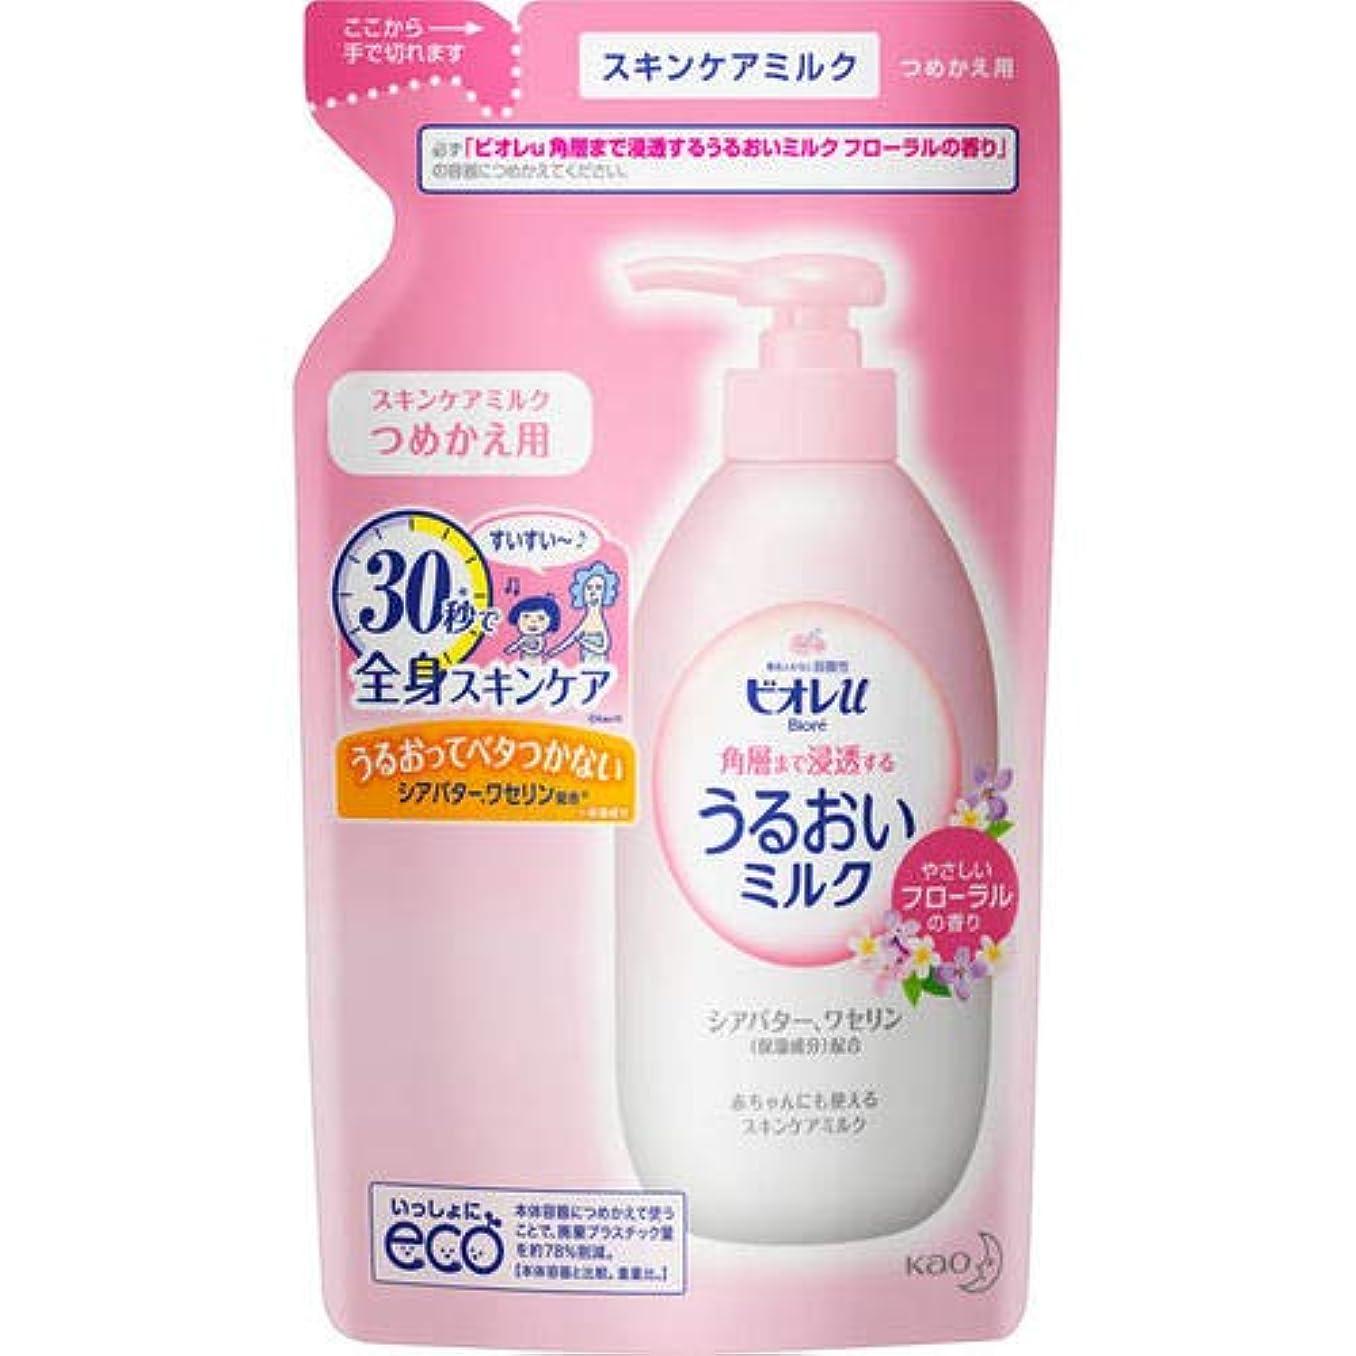 ビオレu 角層まで浸透する うるおいミルク フローラルの香り つめかえ用 250mL